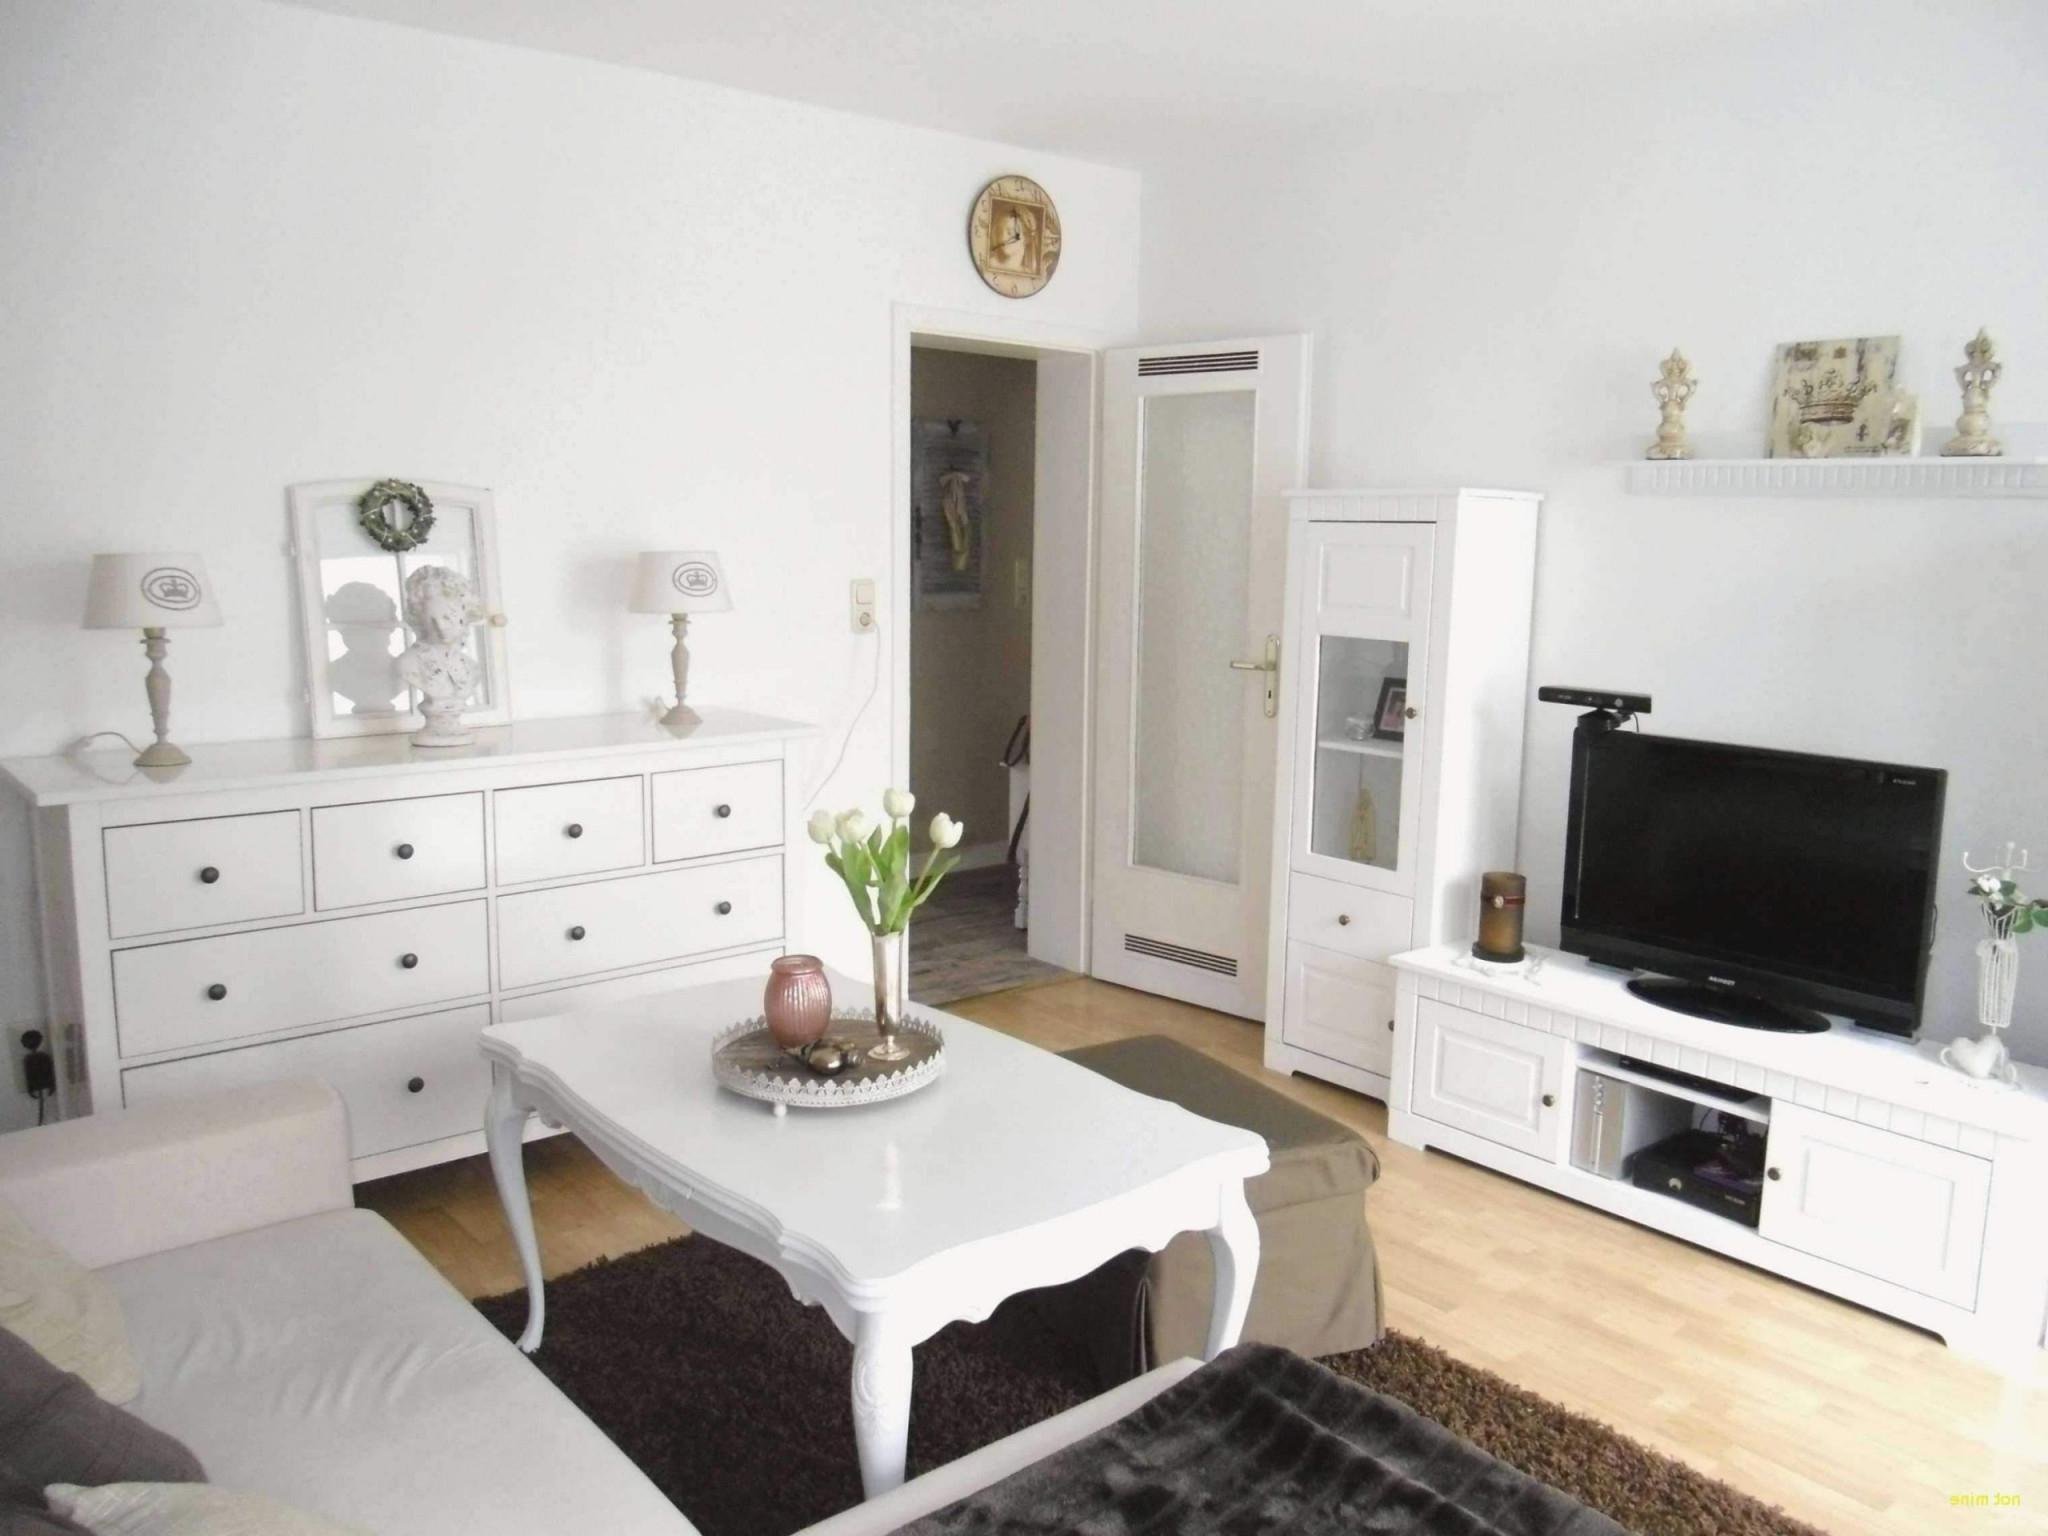 39 Einzigartig Ecke Im Wohnzimmer Dekorieren Luxus von Deko Für Wohnzimmer Ecke Photo